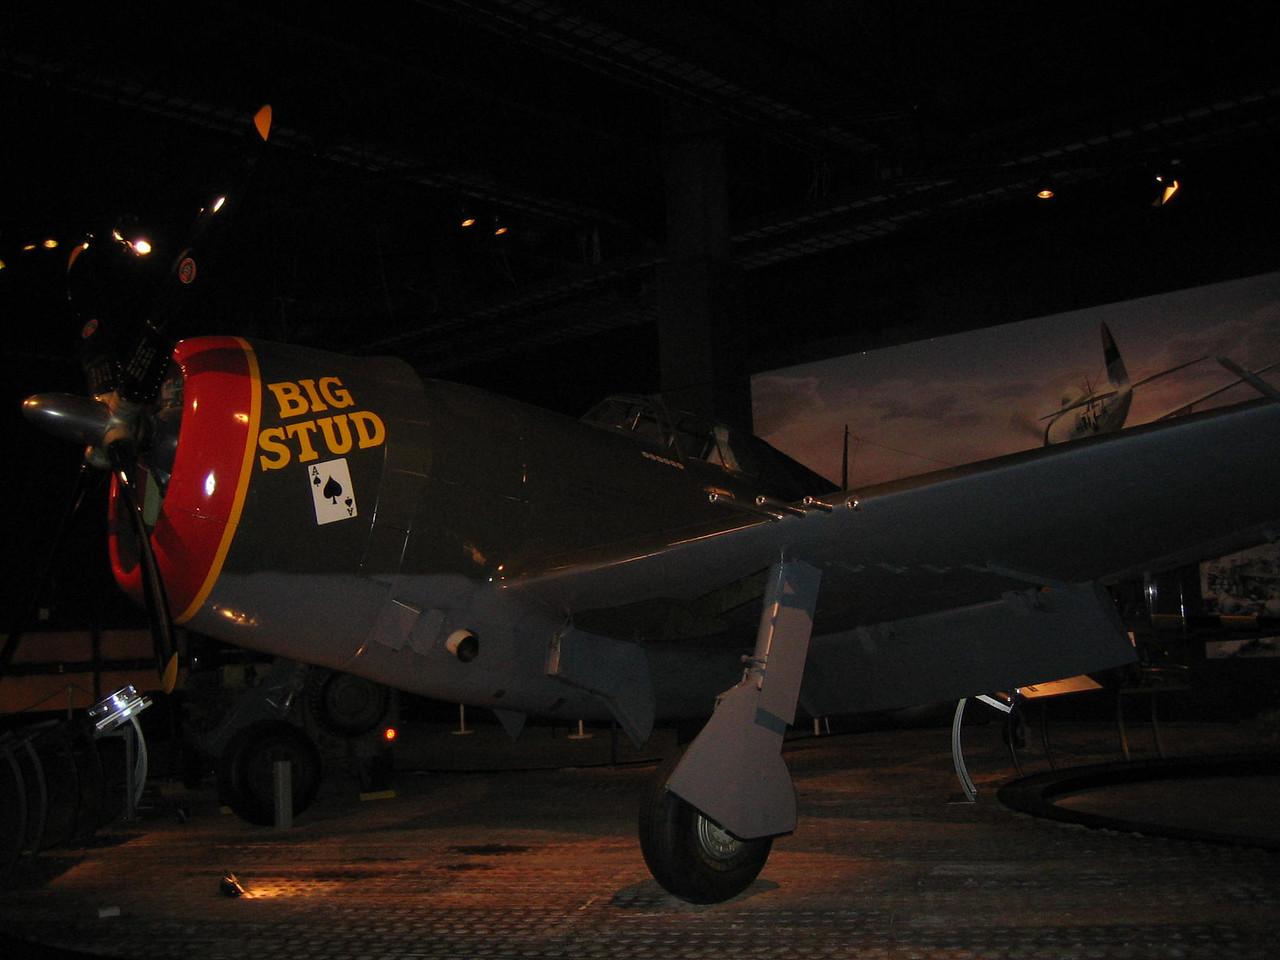 WW2 plane.